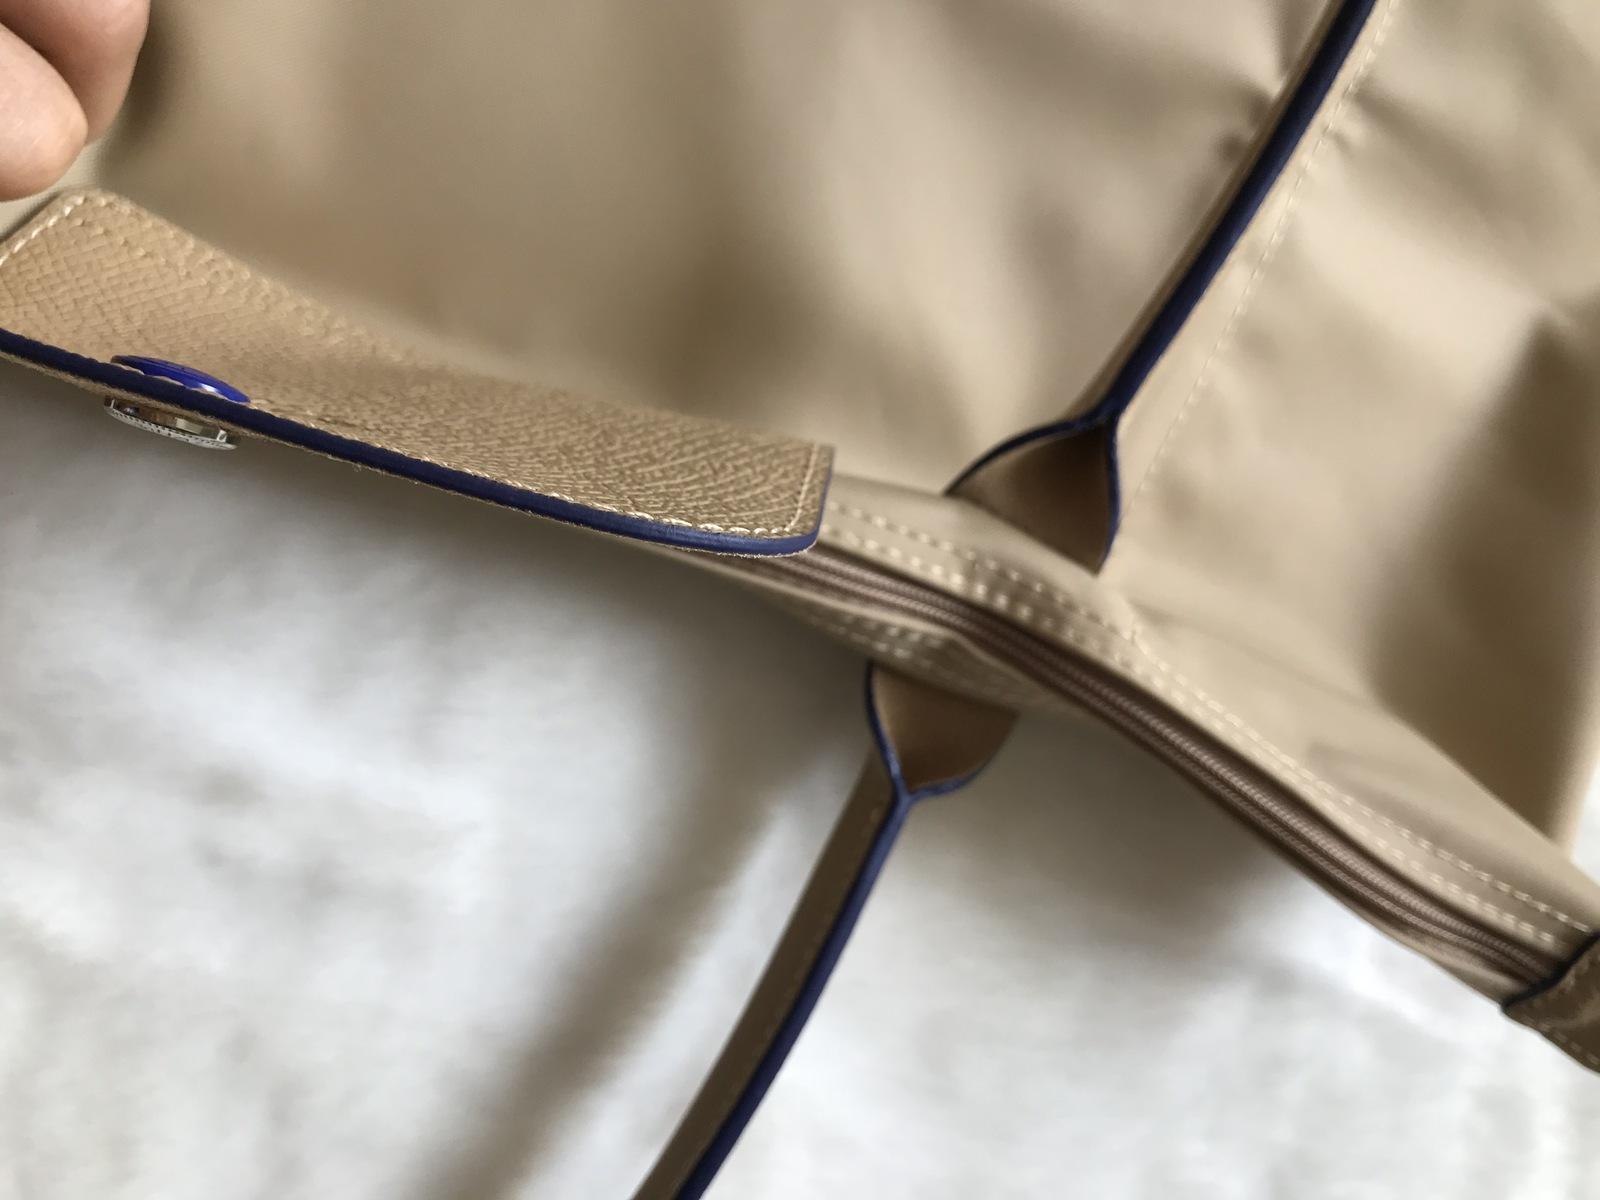 Longchamp Club Le Pliage Bag Beige Large L1899619841 image 3